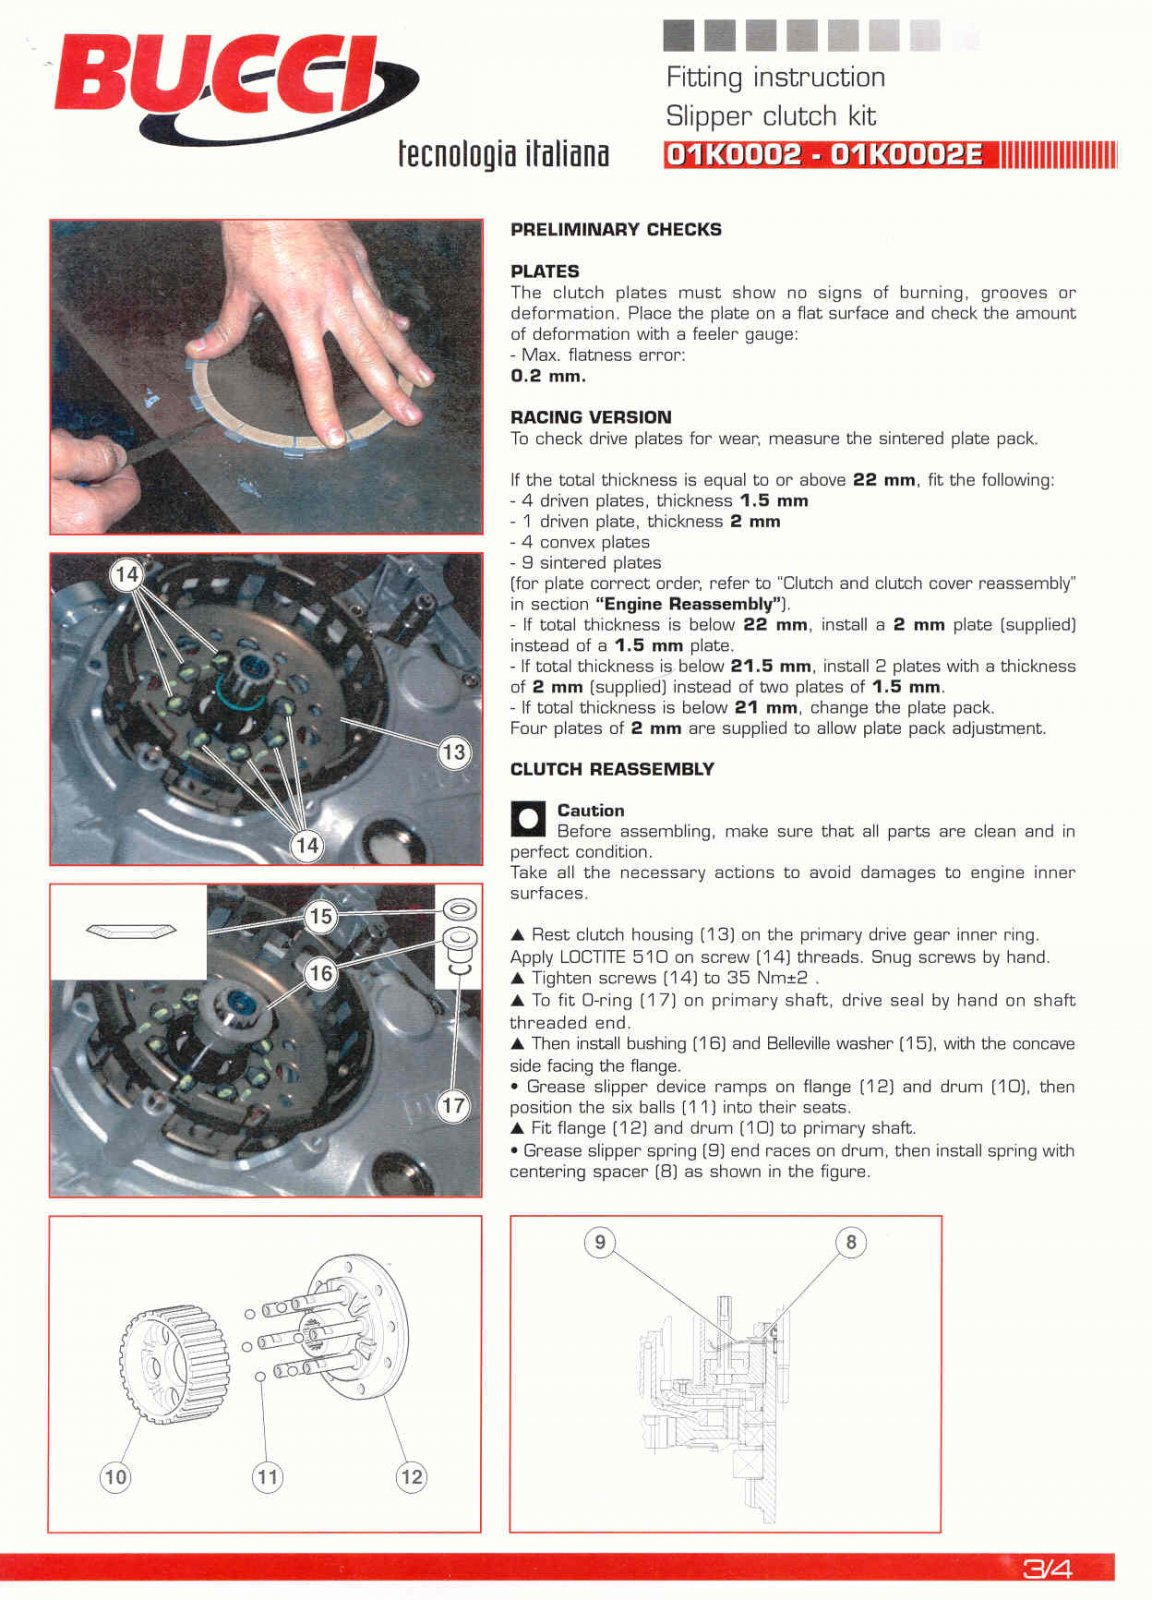 BUCCI slipper clutch fit 3.jpg